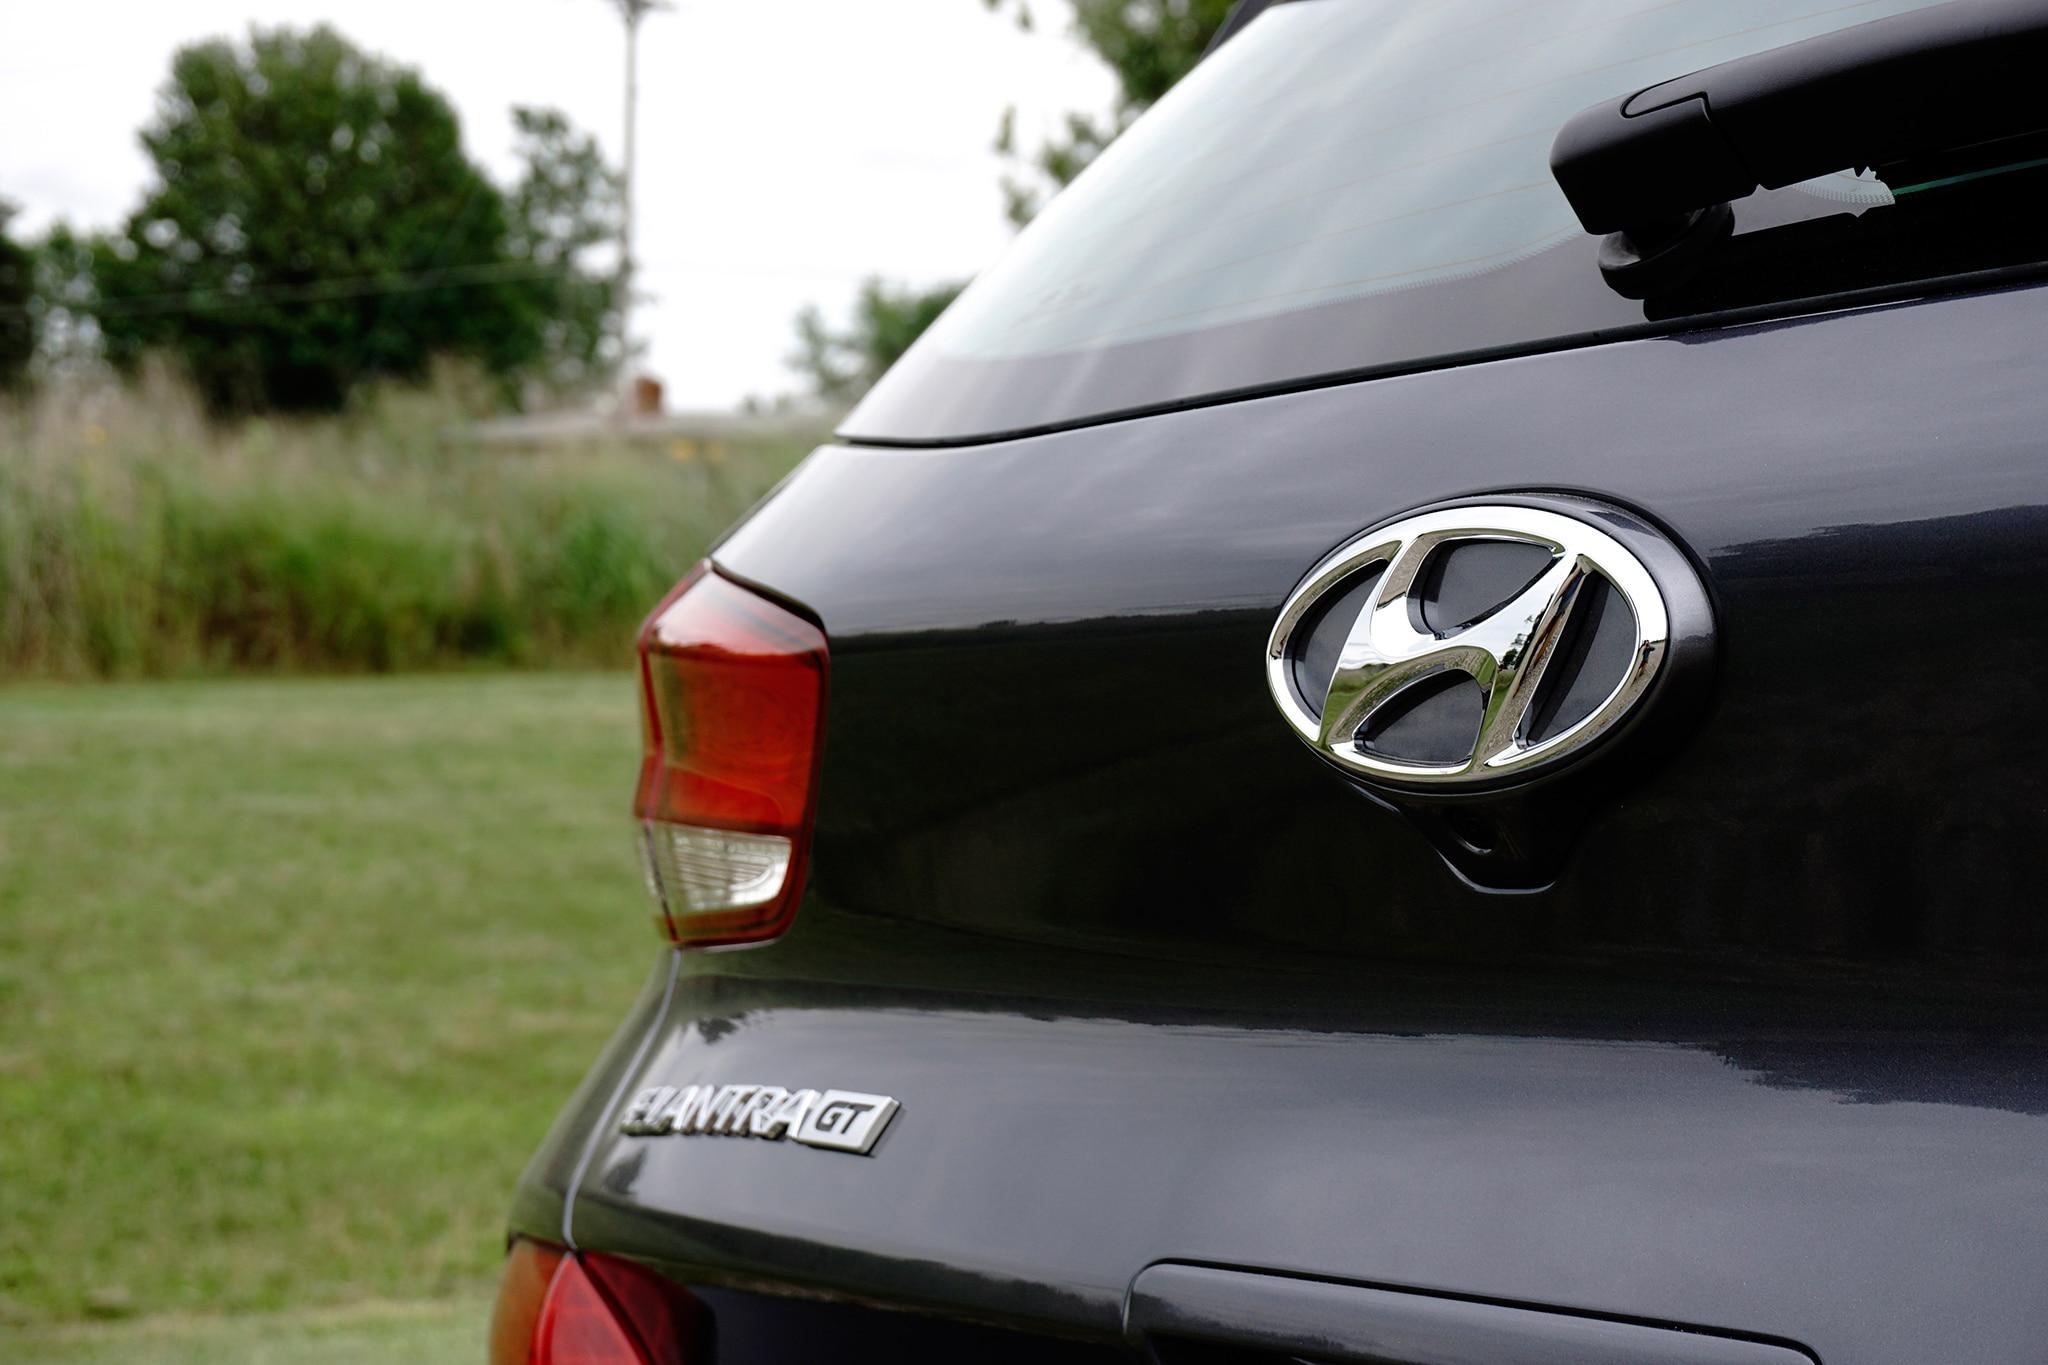 2018-Hyundai-Elantra-GT-badge.jpg